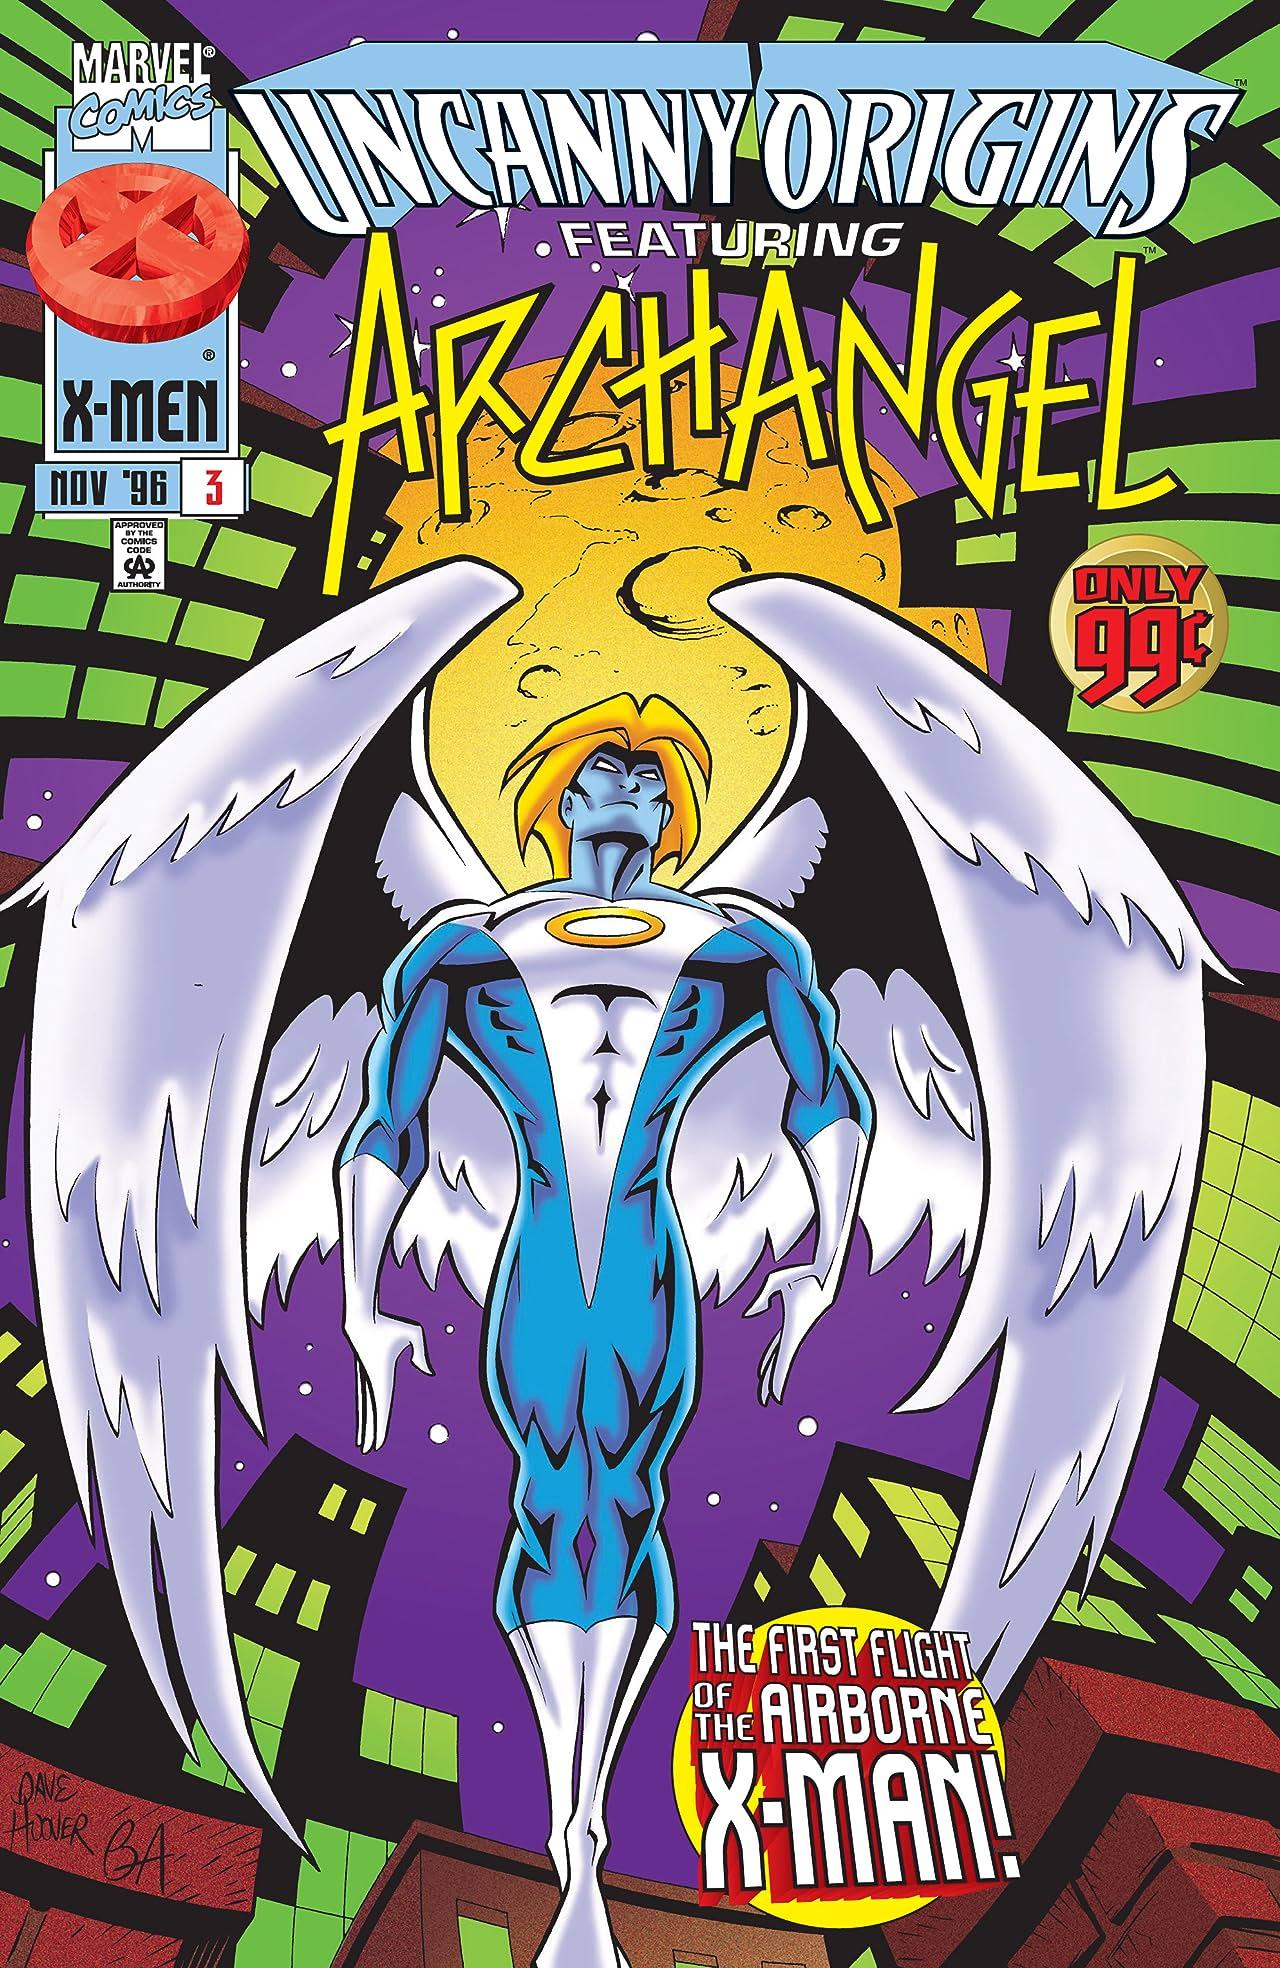 Uncanny Origins (1996-1997) #3